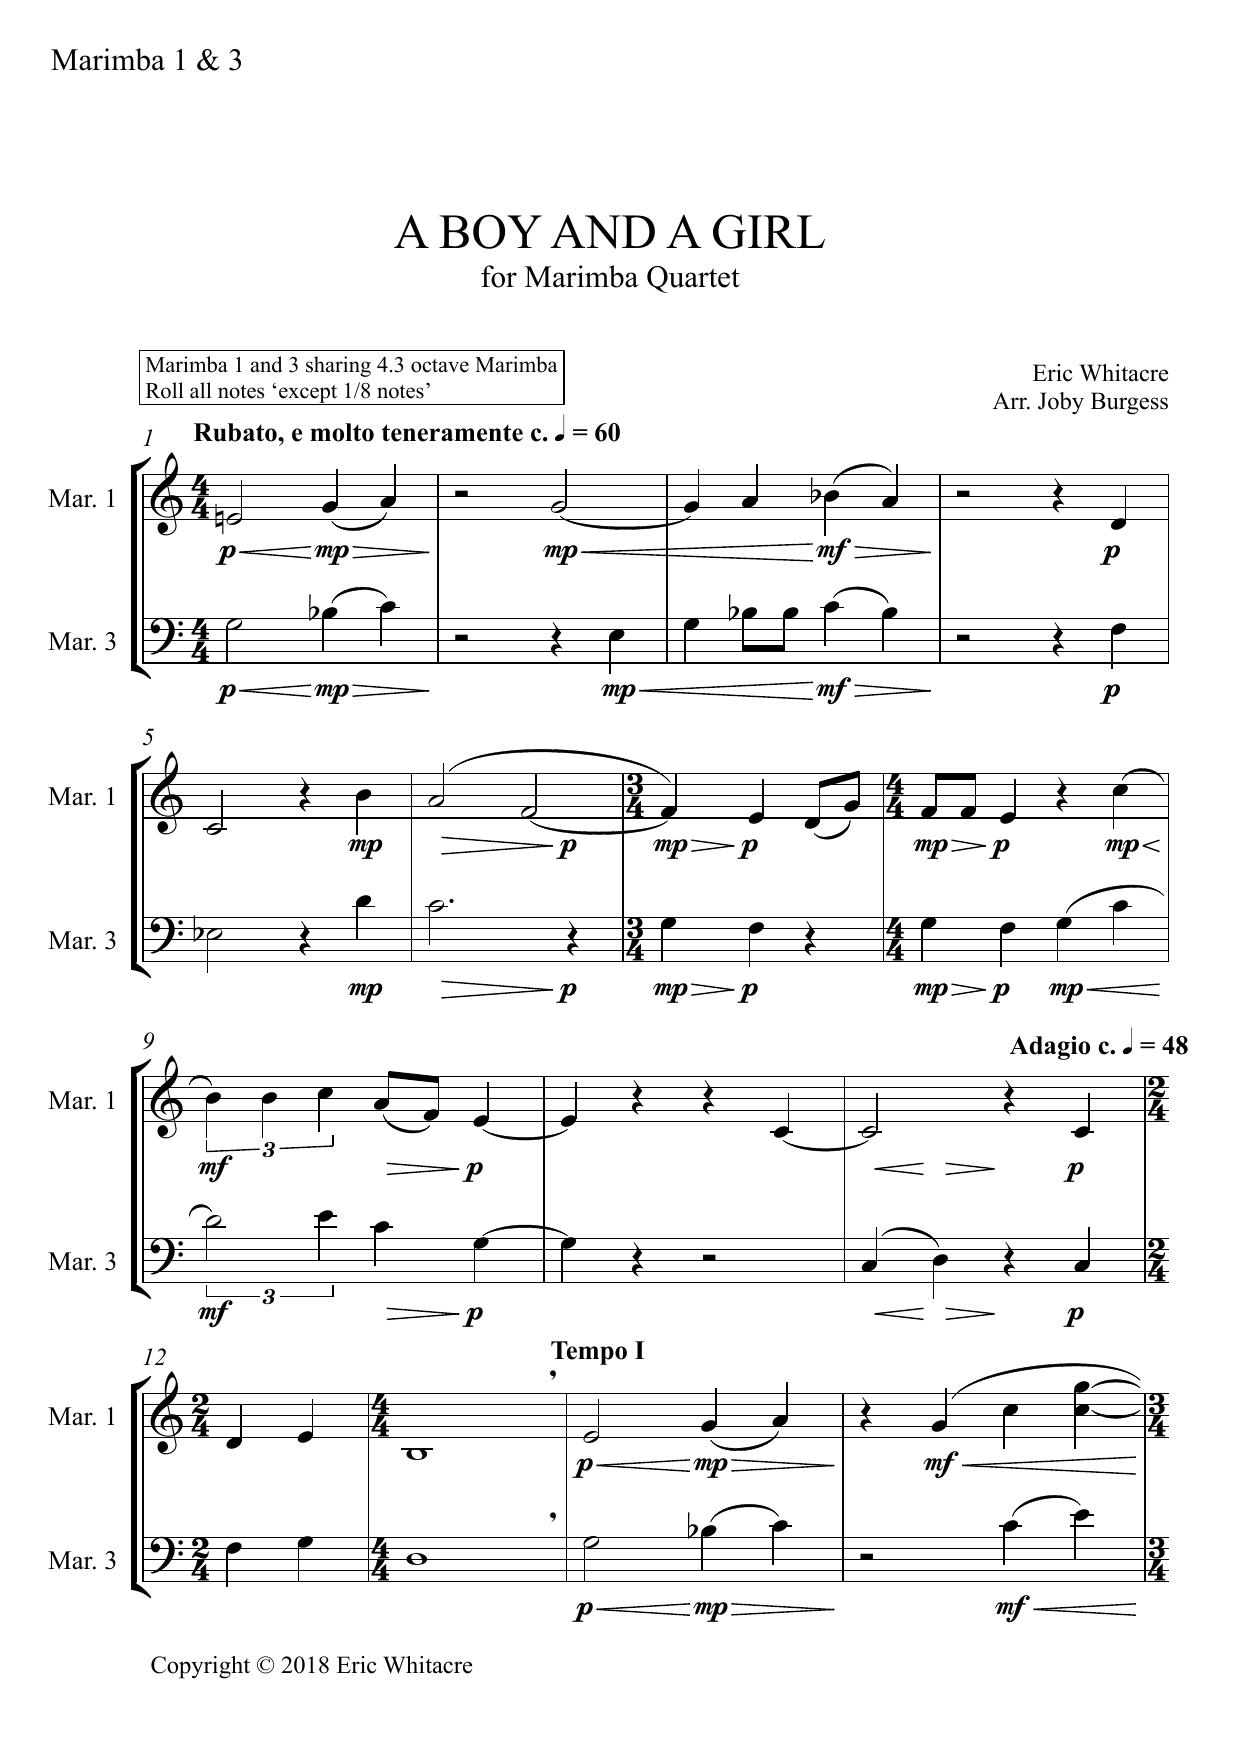 A Boy And A Girl for Marimba Quartet (arr. Joby Burgess) - MARIMBA 1 & 3 Sheet Music